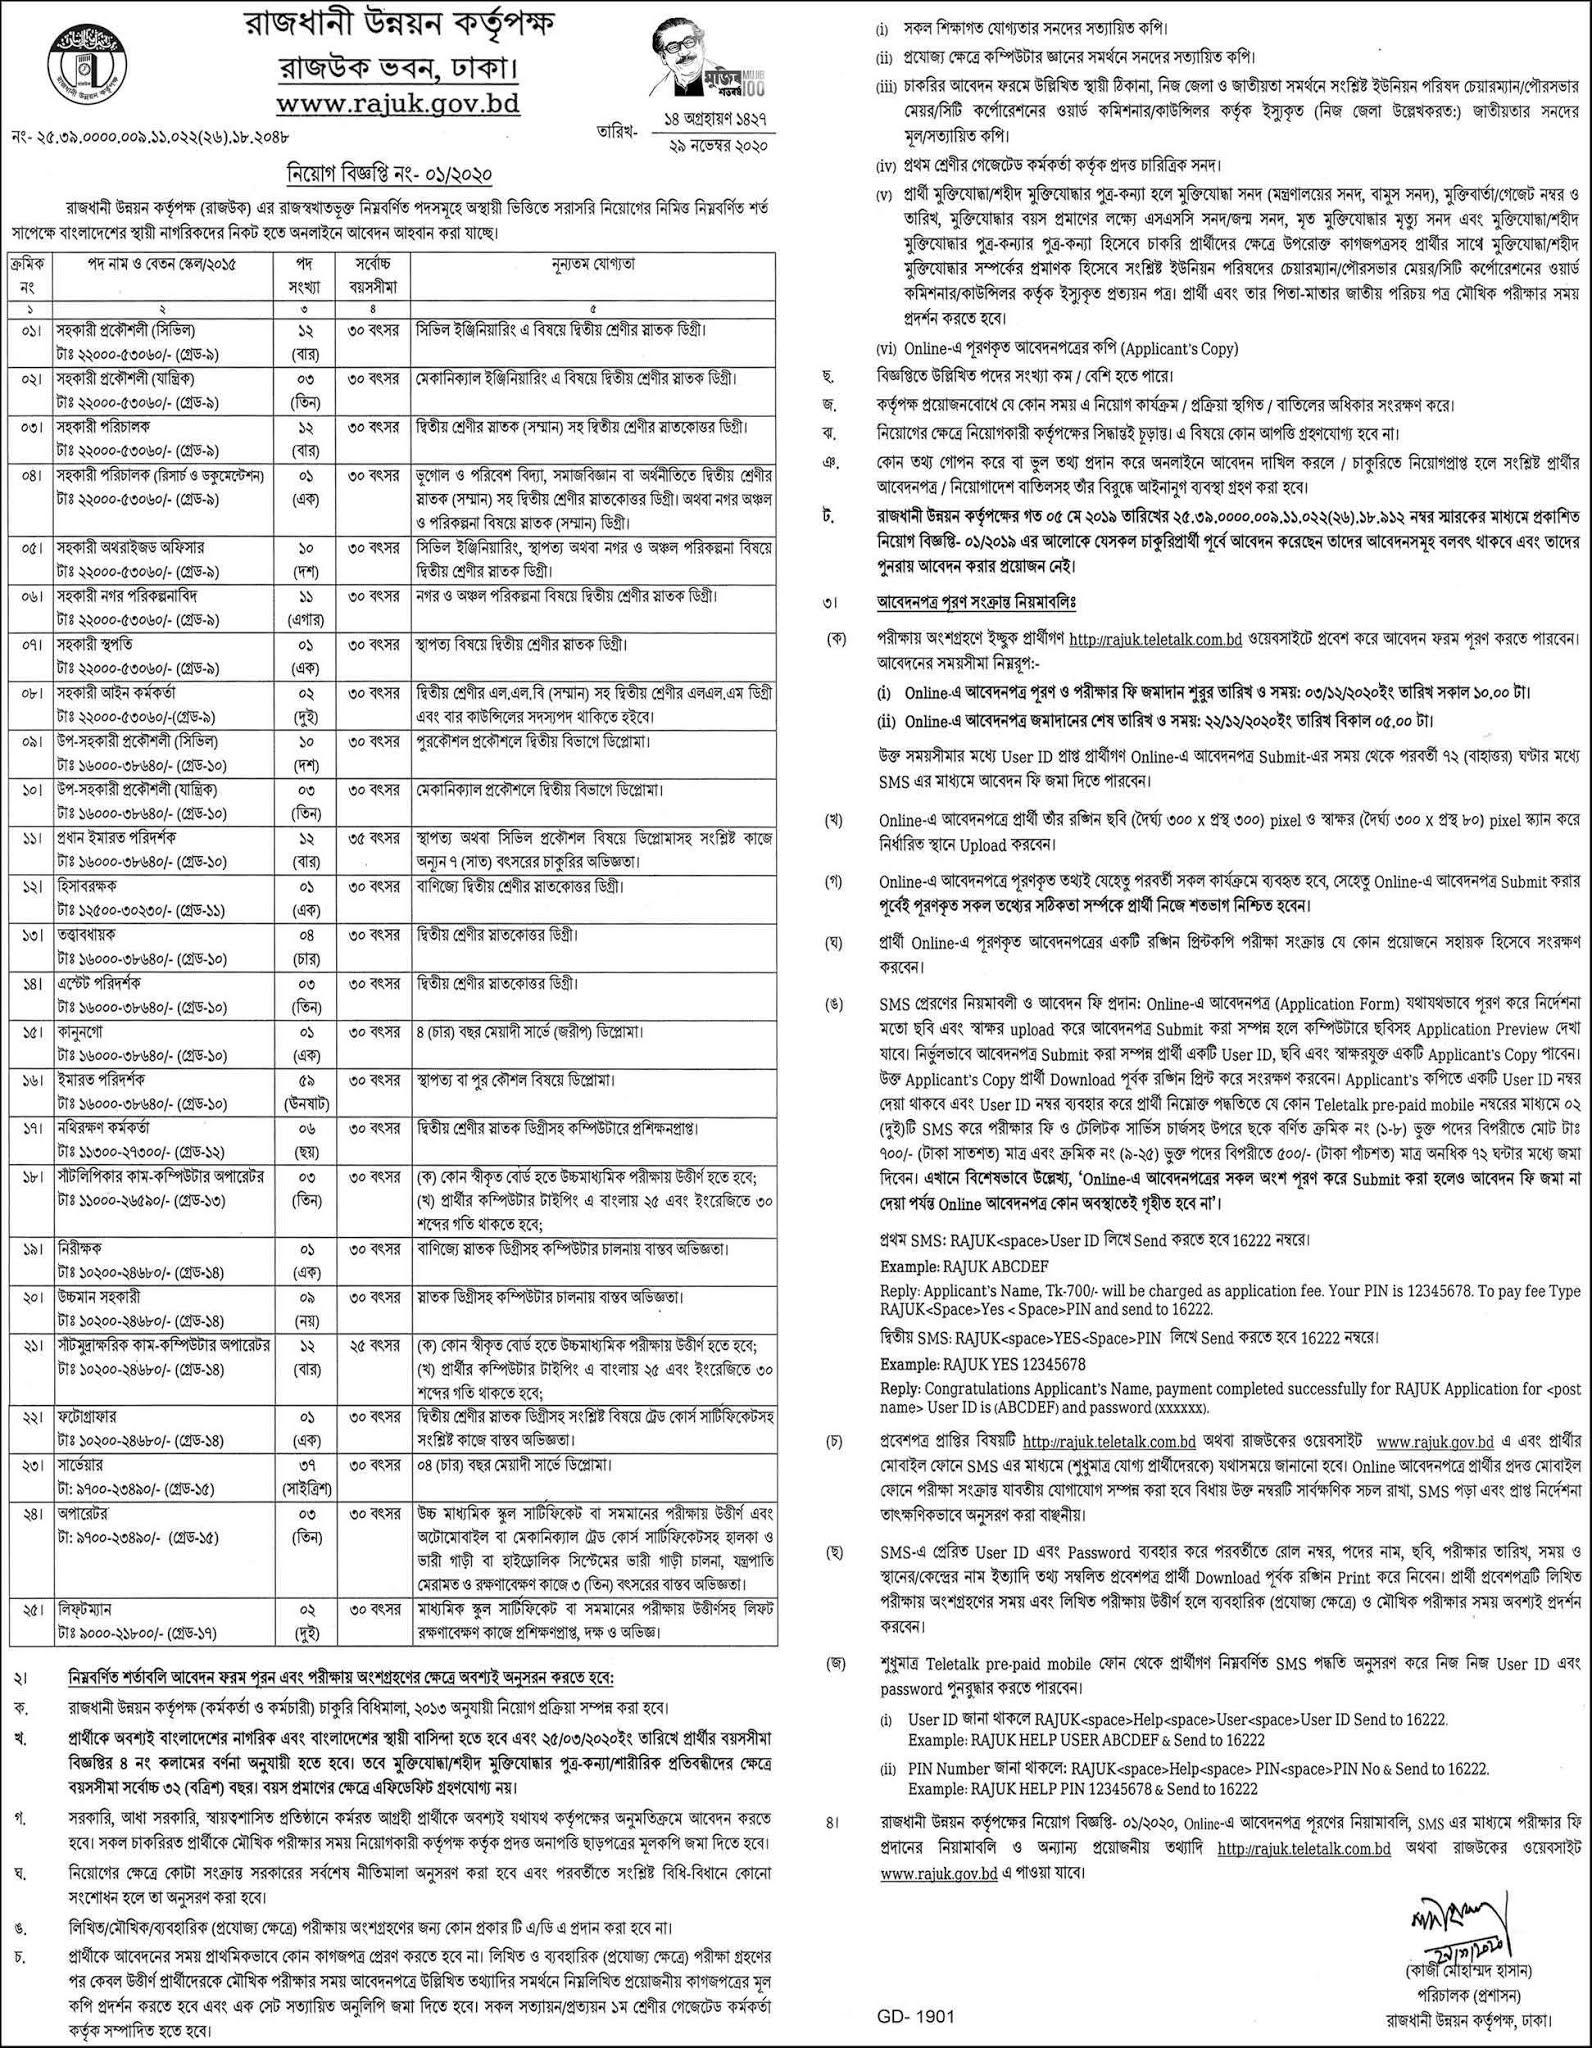 রাজউক নিয়োগ বিজ্ঞপ্তি ২০২০ - RAJUK Job Circular 2020 - রাজউক নিয়োগ বিজ্ঞপ্তি ২০২১ - RAJUK Job Circular 2021